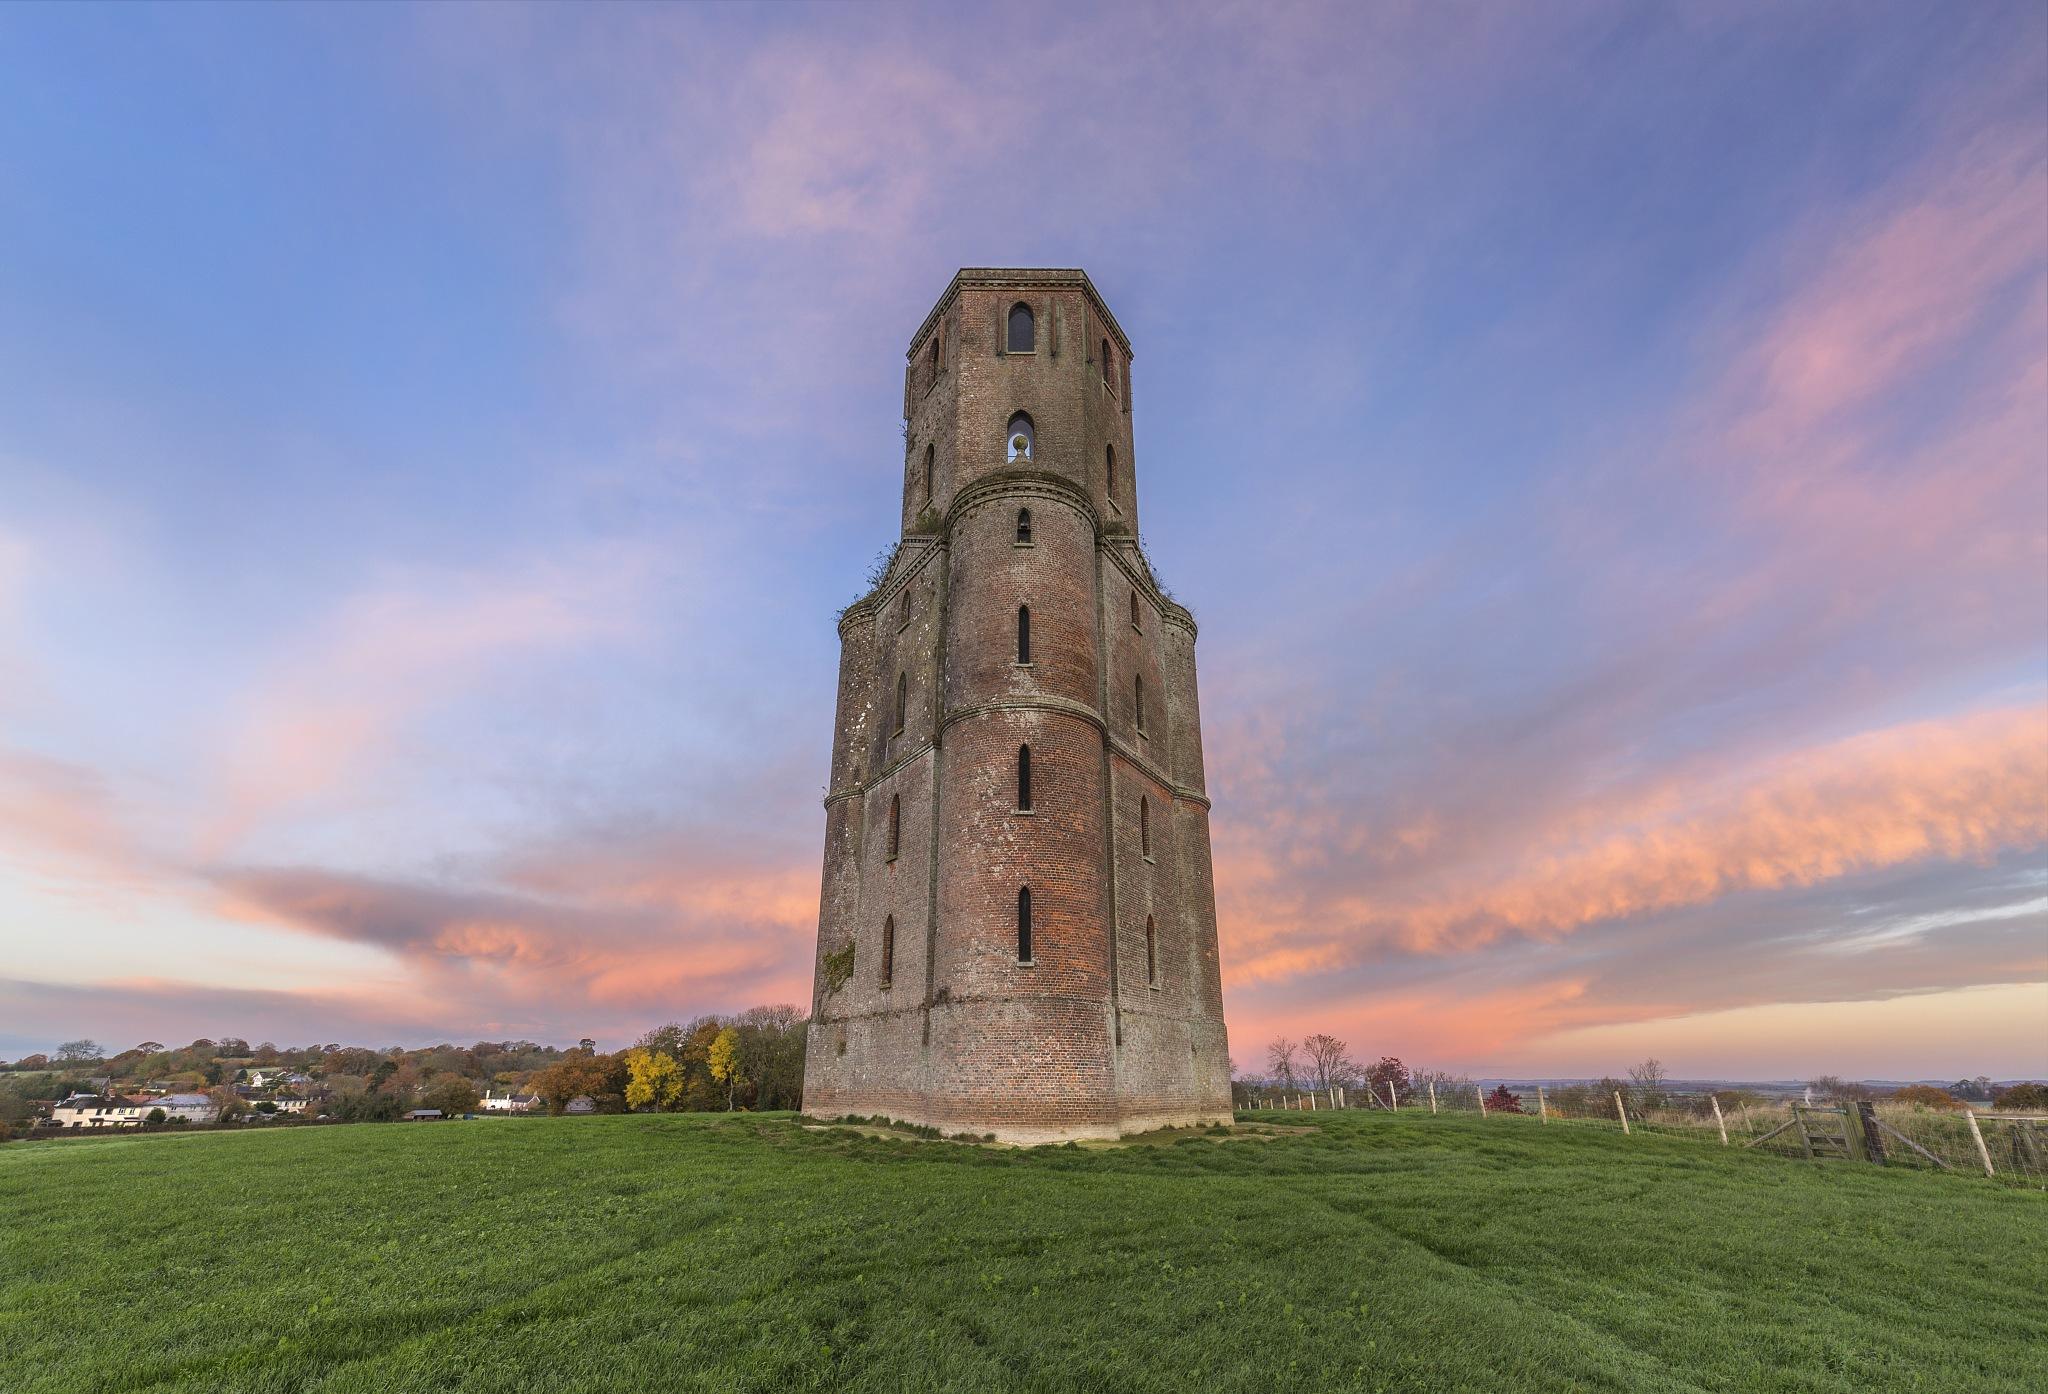 Sunrise at Horton Tower by Daniel Wretham Photography